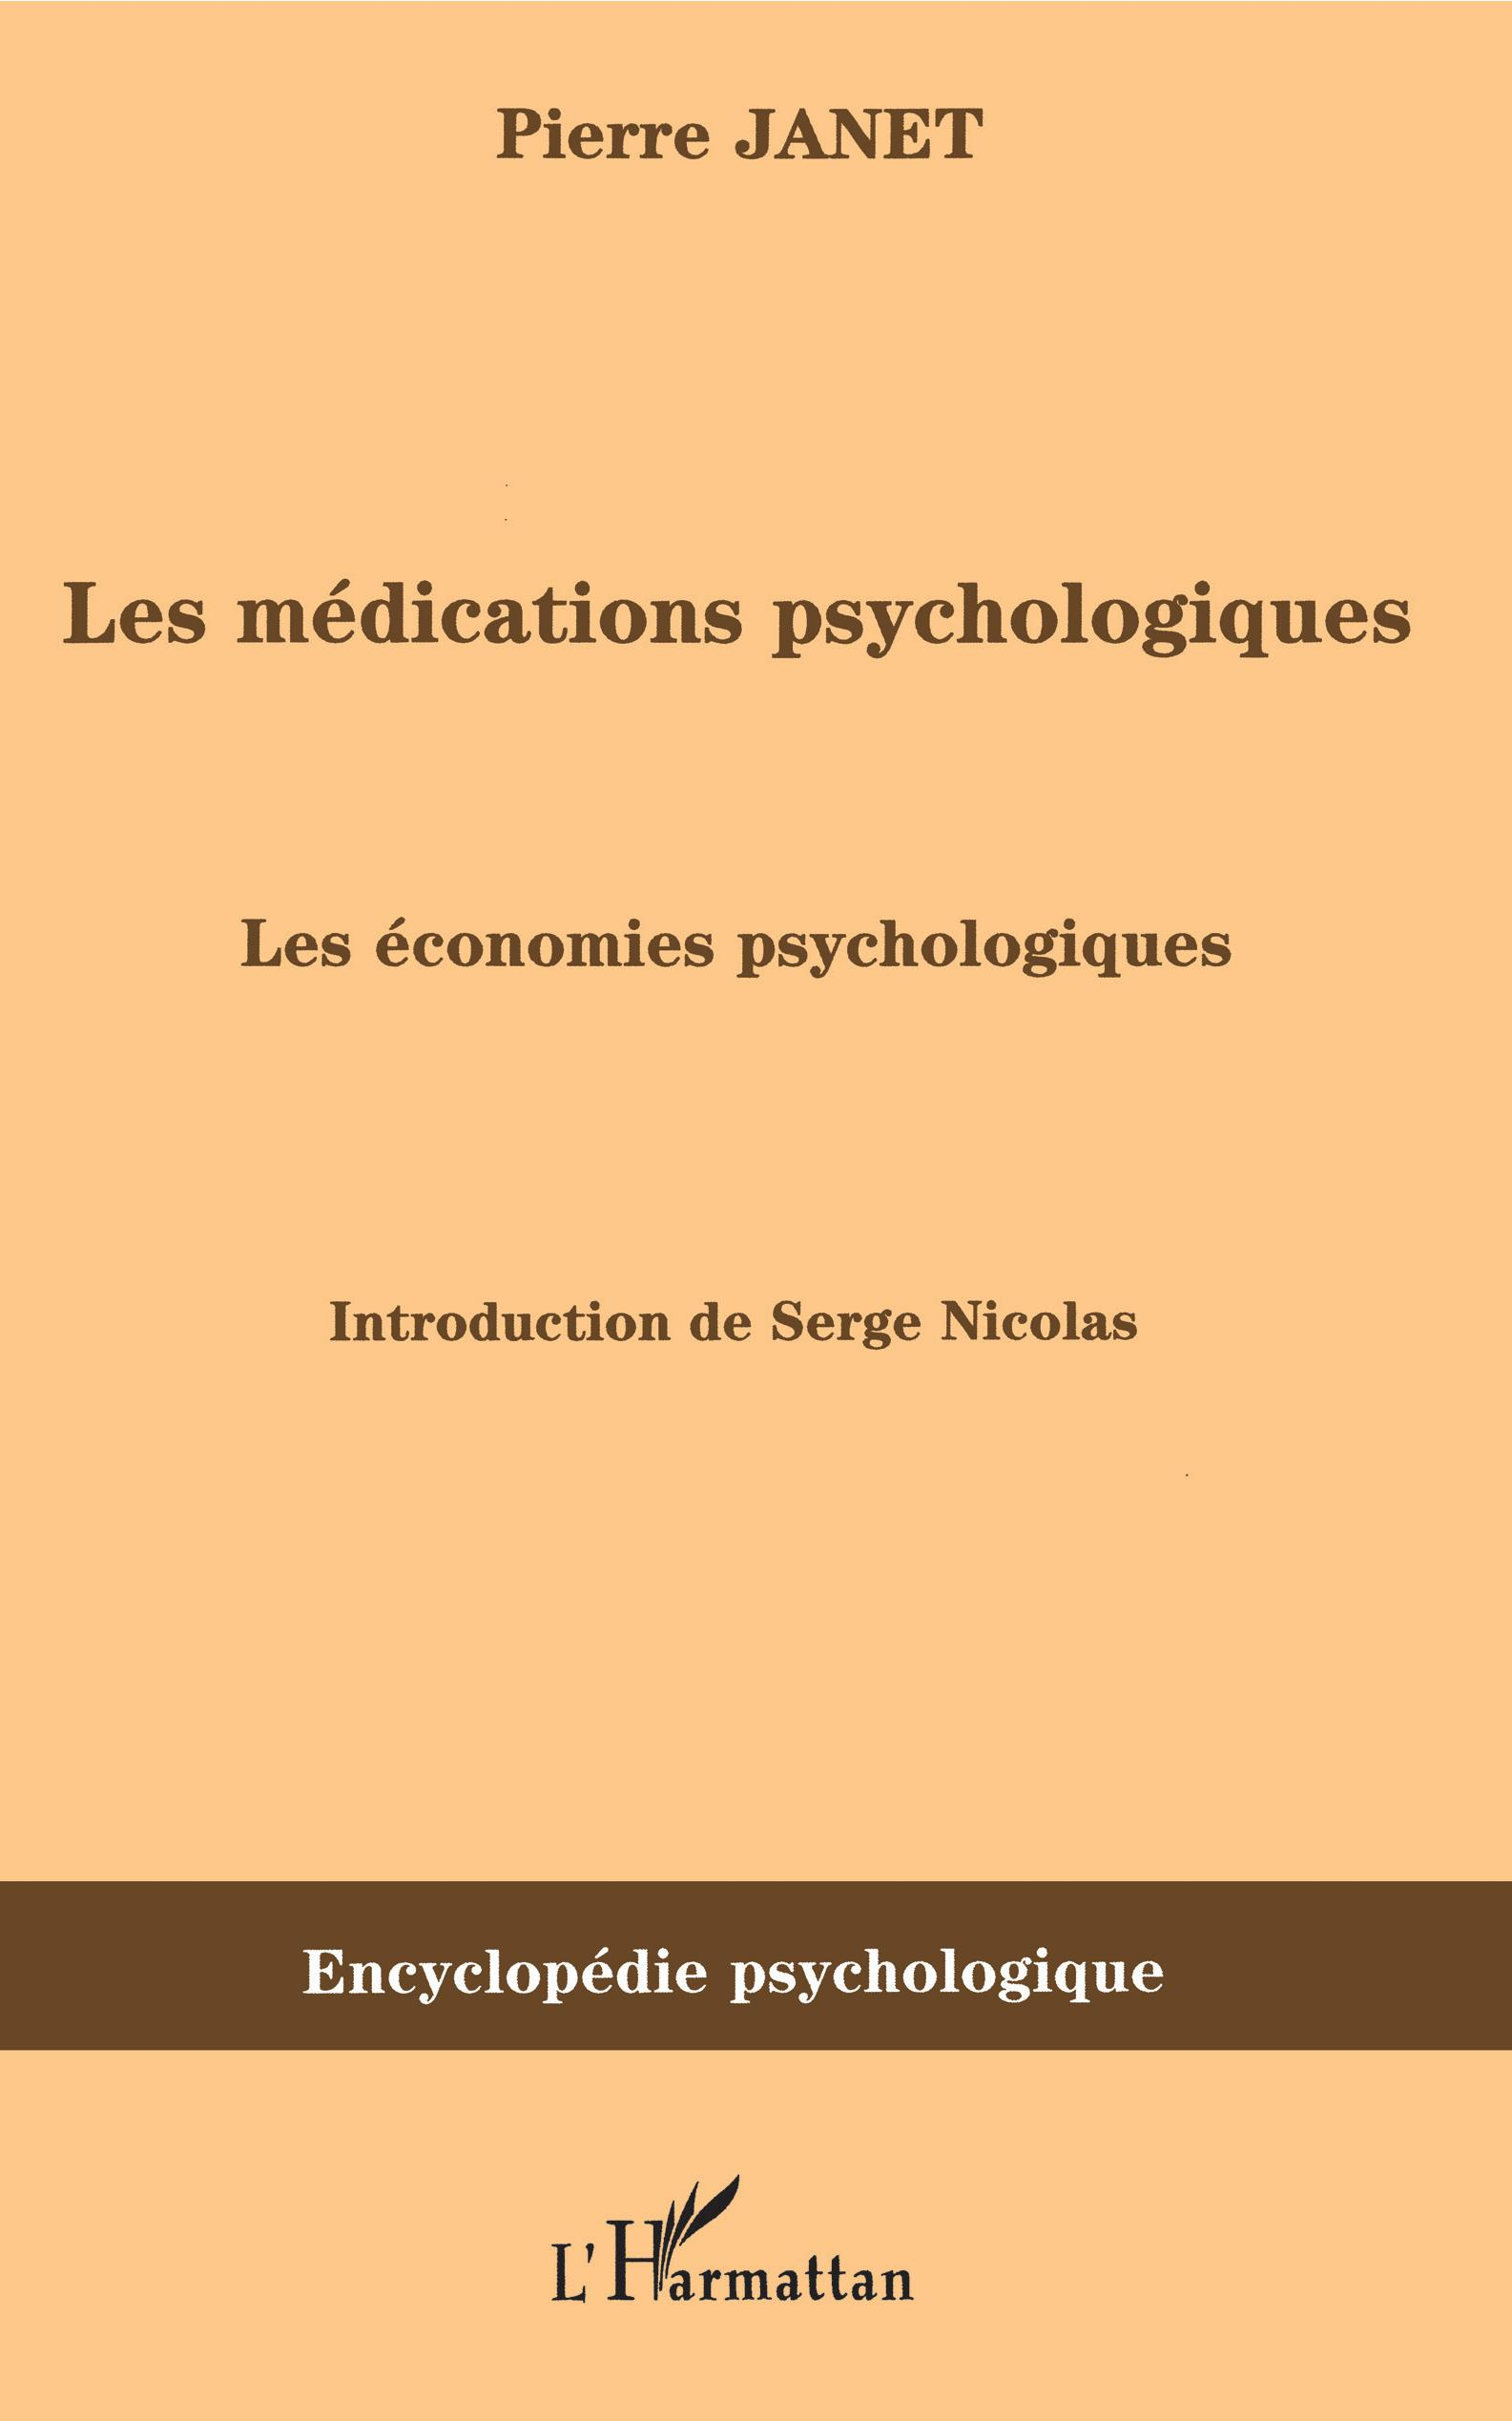 Les m dications psychologiques 1919 vol ii les for Les economes catalogue